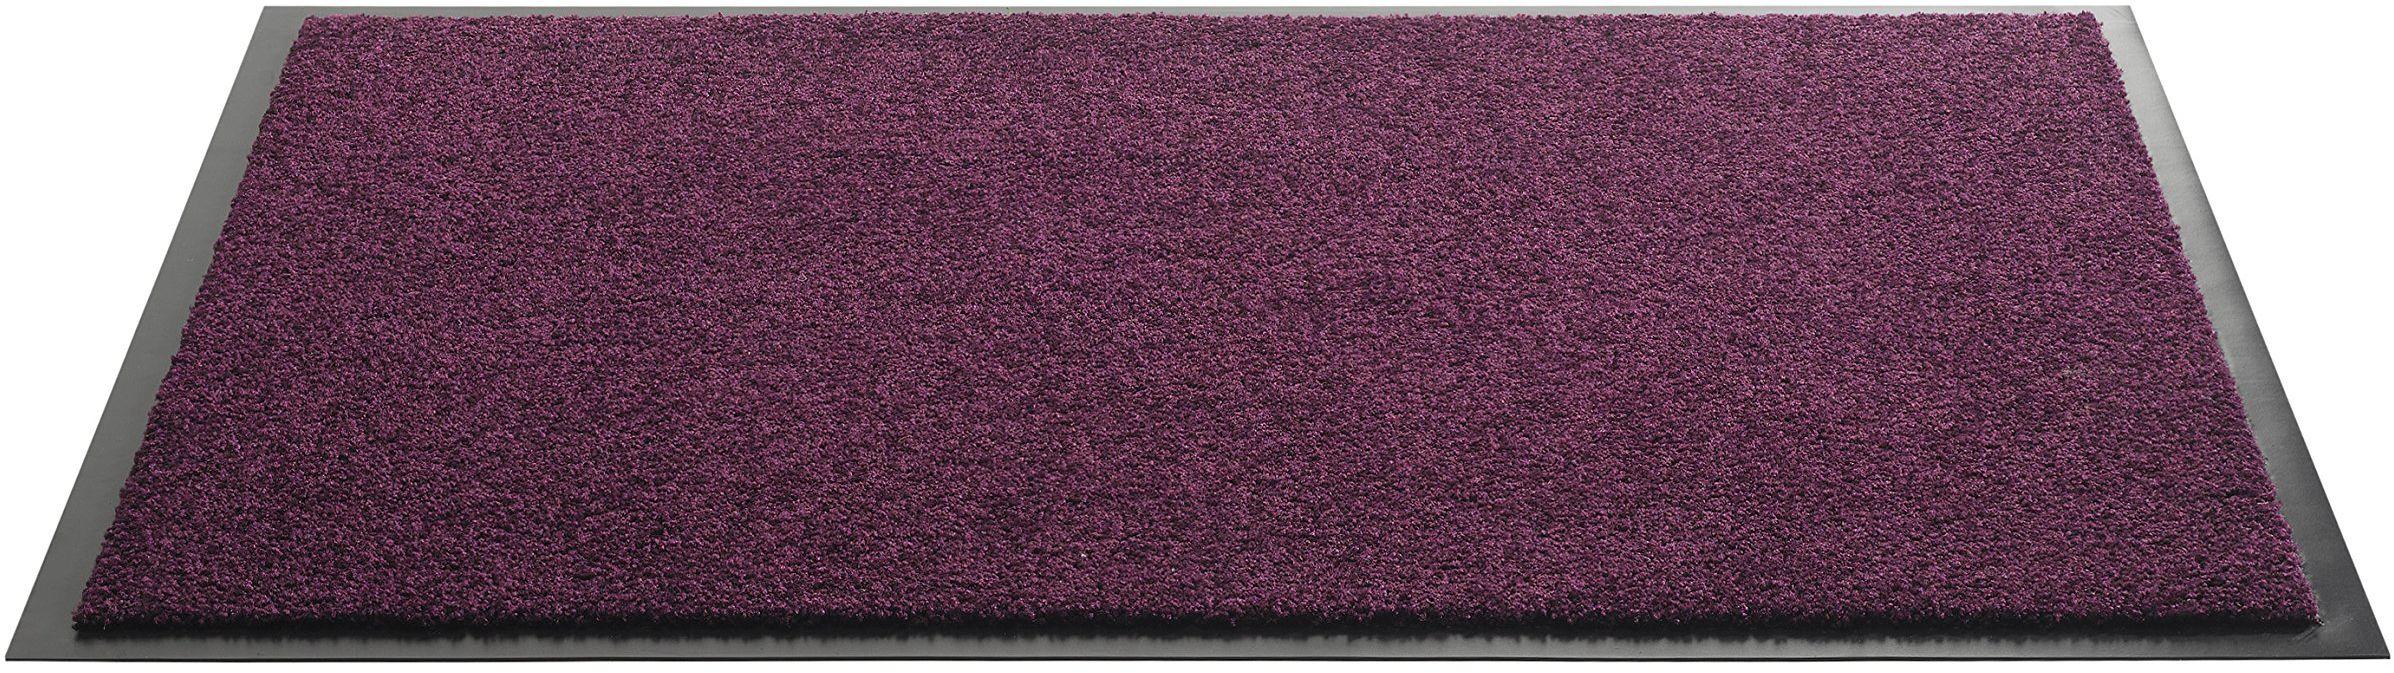 HMT wycieraczka z poliamidu, fioletowa, 80 x 120 cm